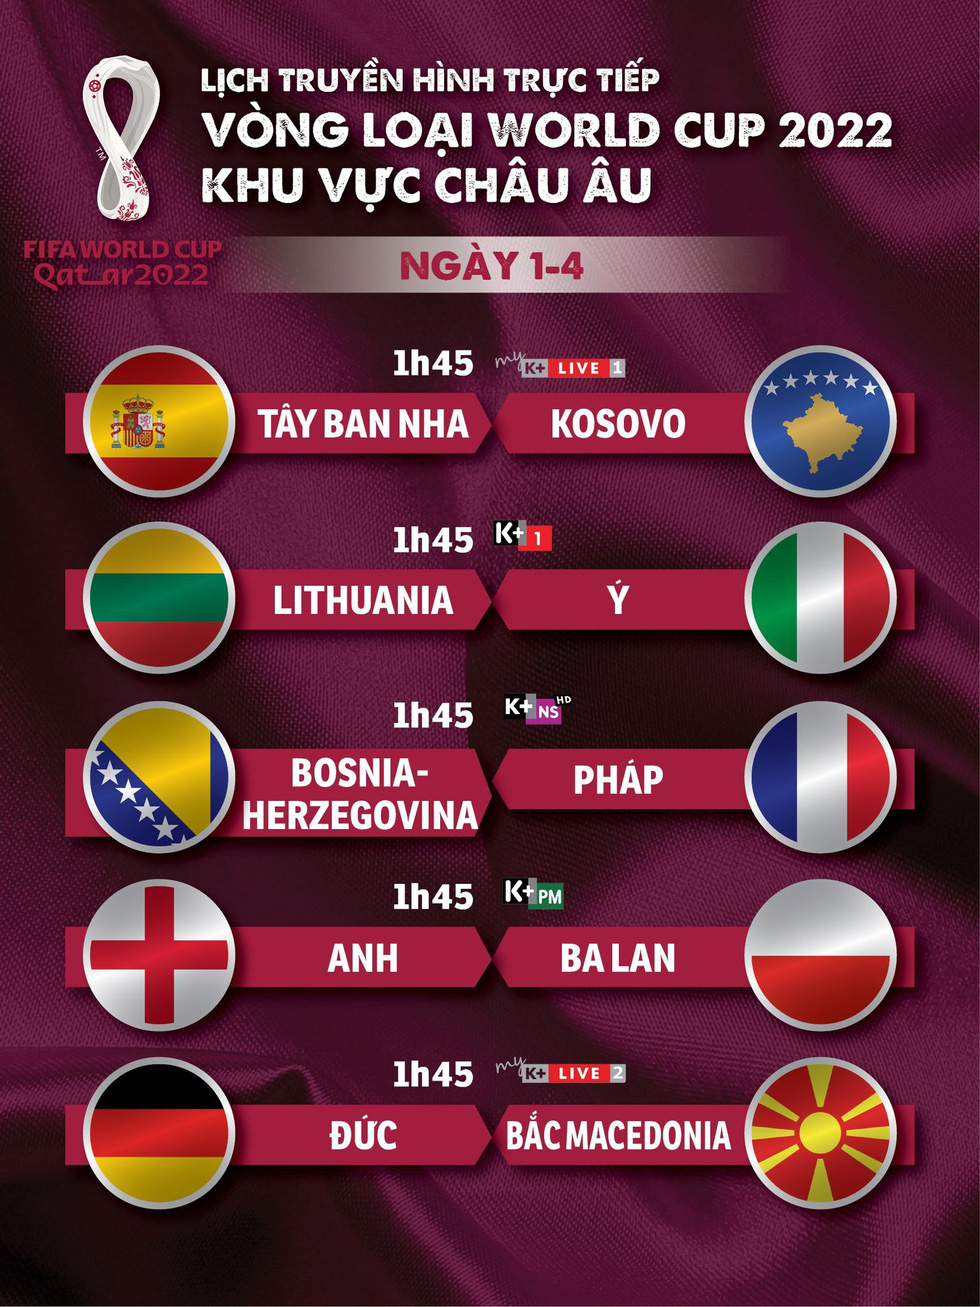 Lịch trực tiếp vòng loại World Cup 2022 khu vực châu Âu: Anh, Pháp, Ý, Đức, Tây Ban Nha ra sân - Ảnh 1.